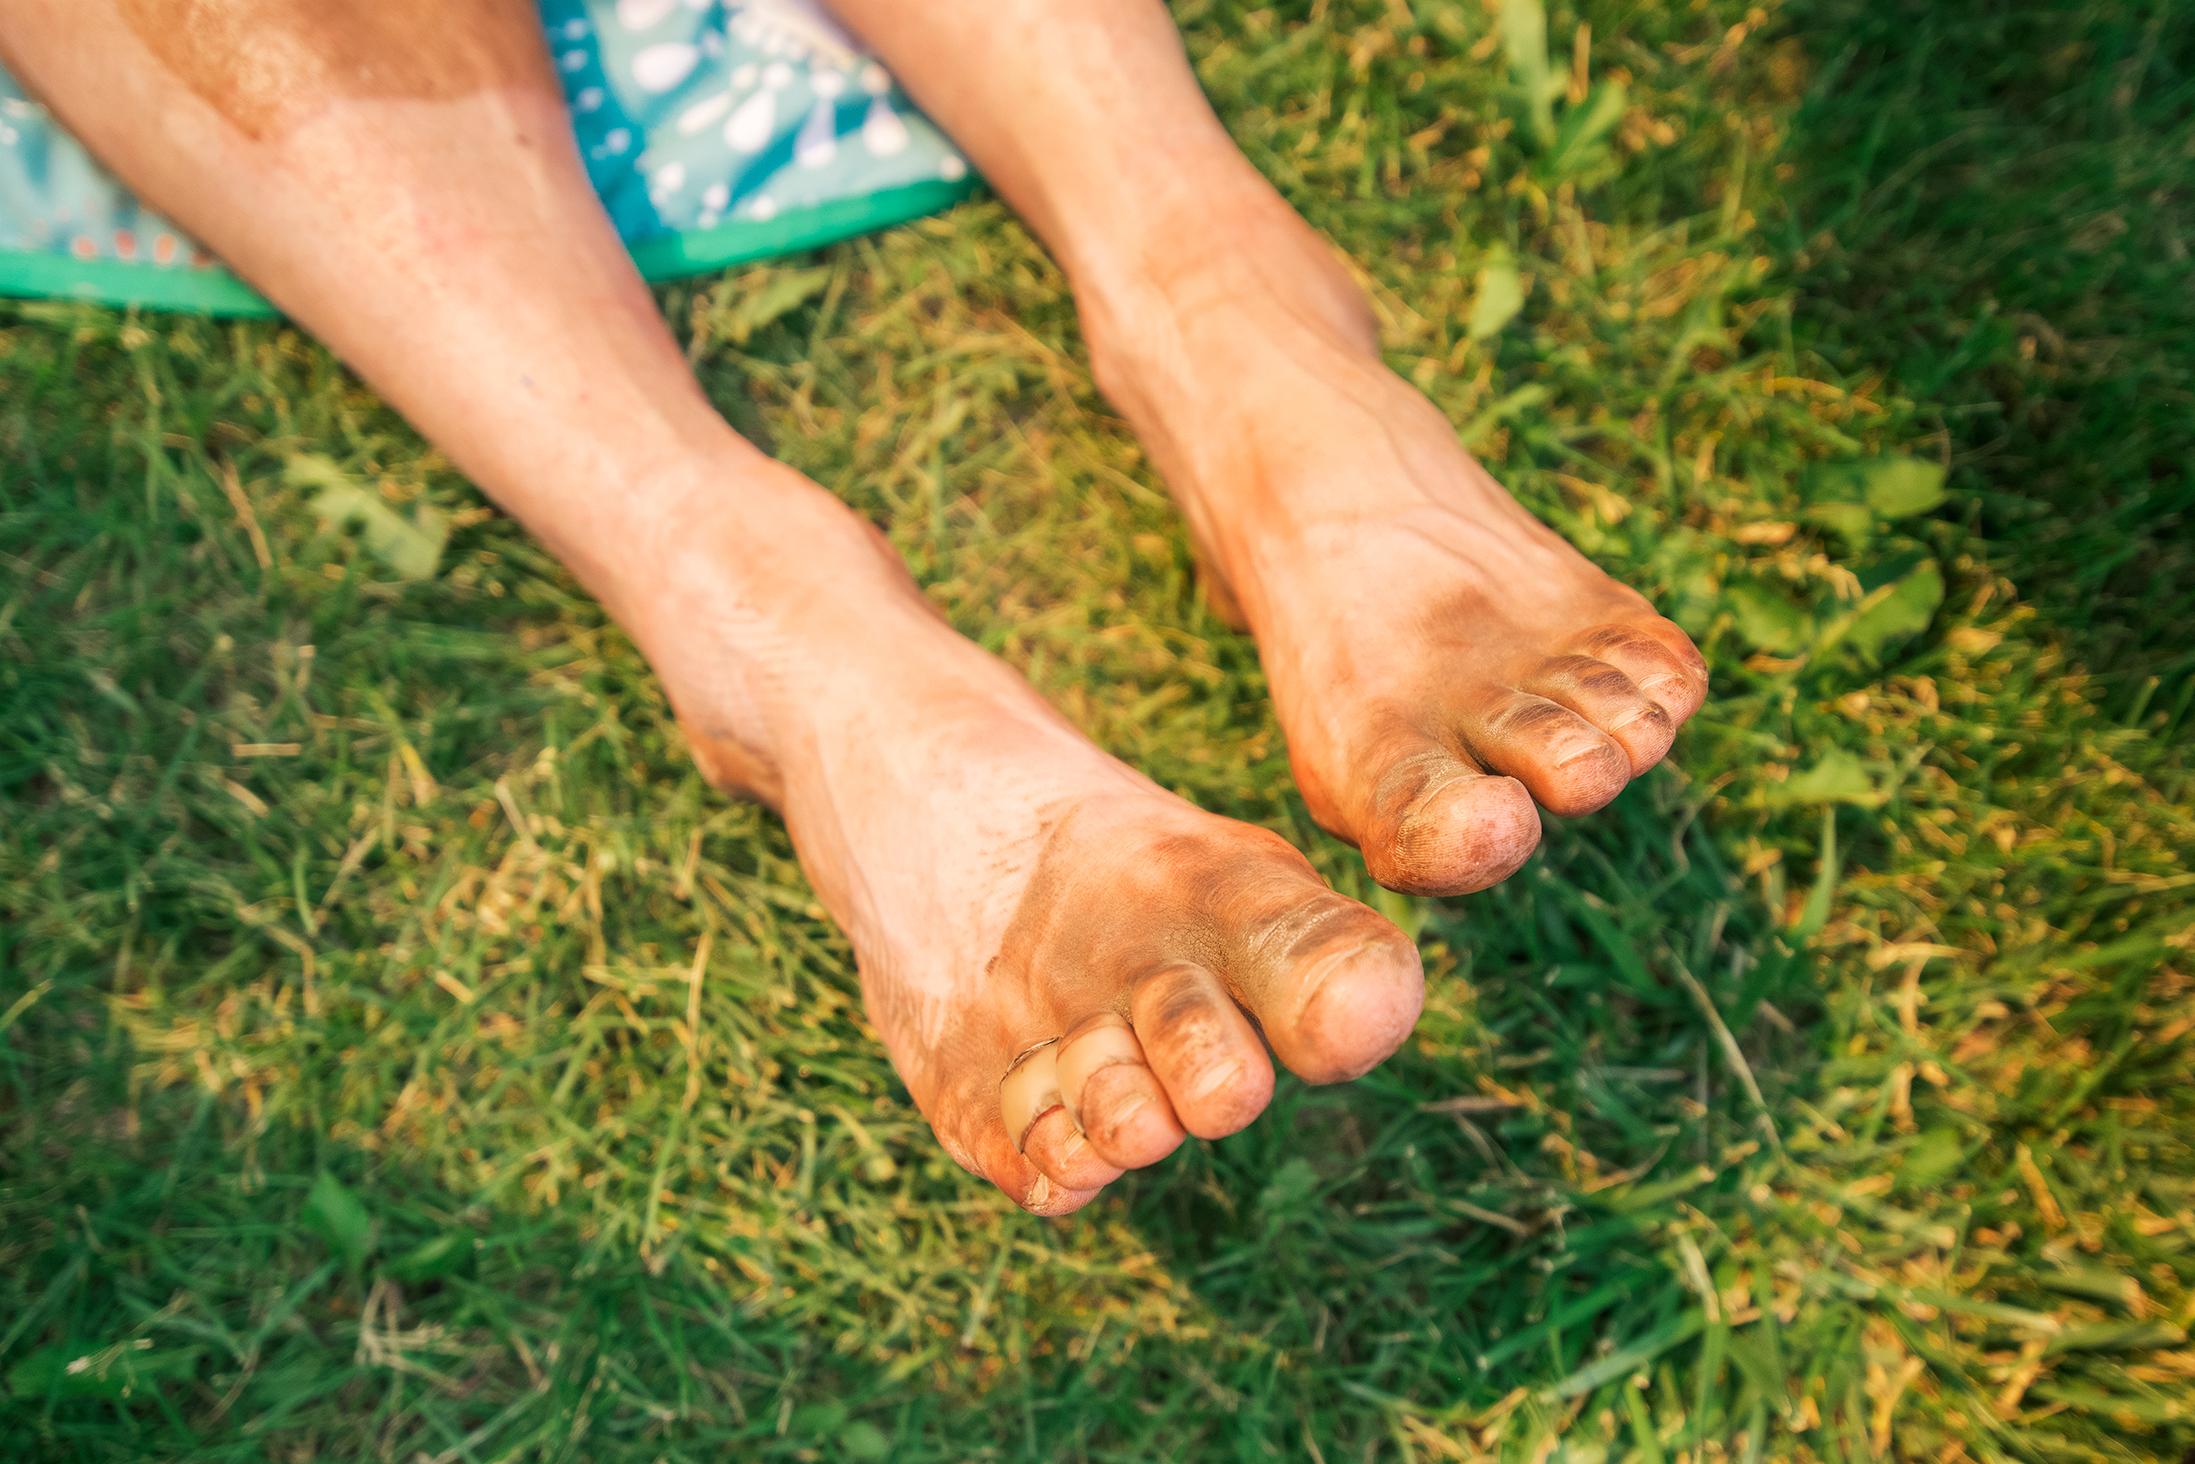 Feet Of An Ultra Marathon Runner